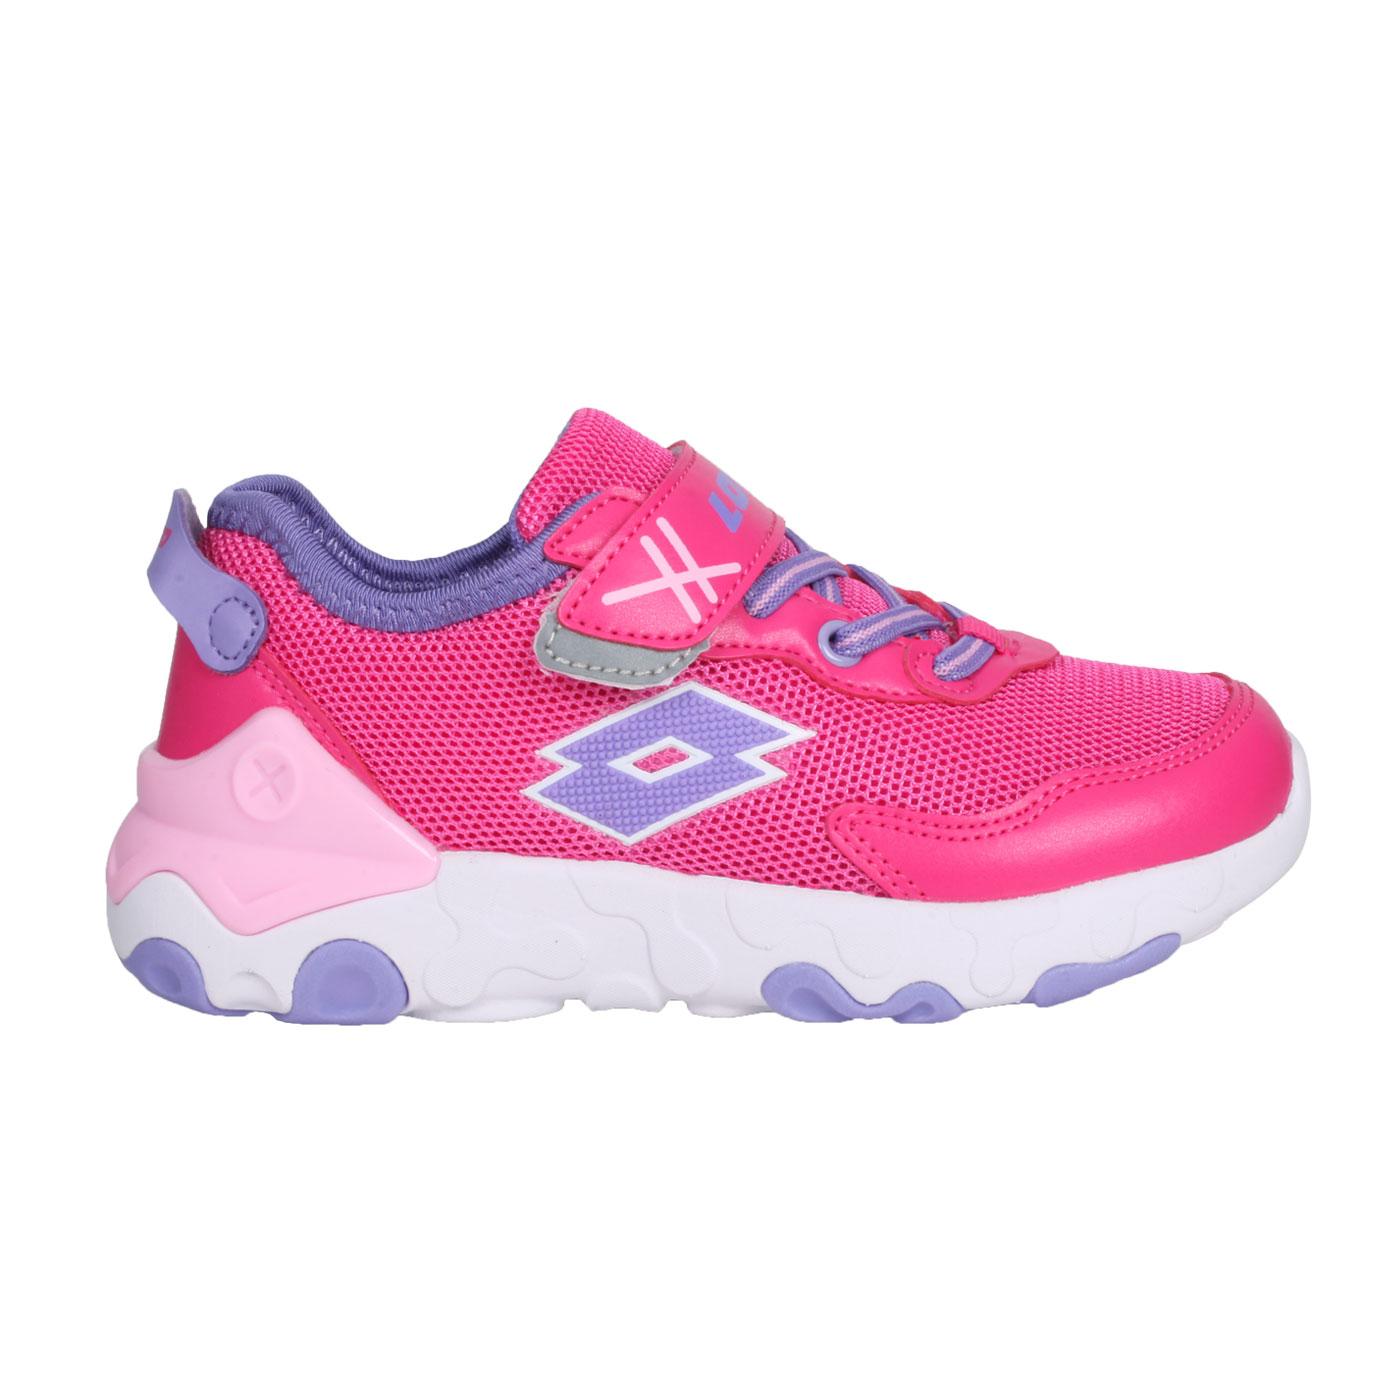 LOTTO 大童超輕量跑鞋 LT1AKR3623 - 桃紅紫